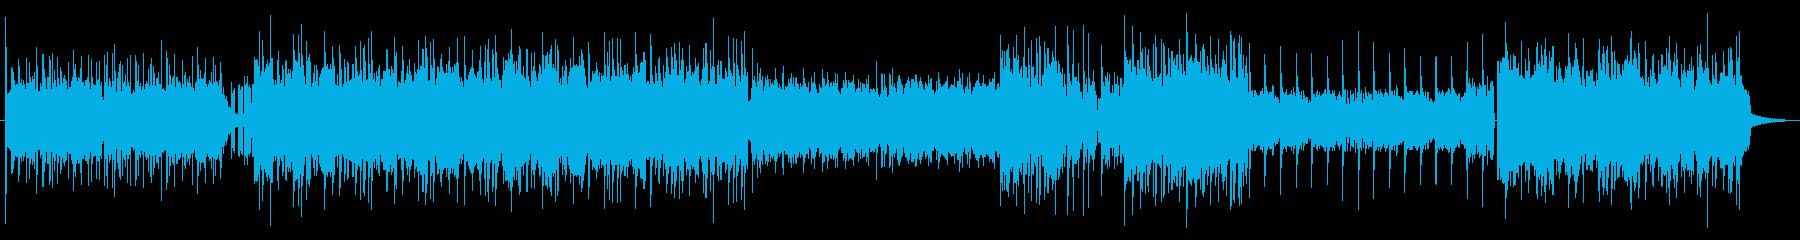 エンディング曲っぽいジャズ風ピアノEDMの再生済みの波形